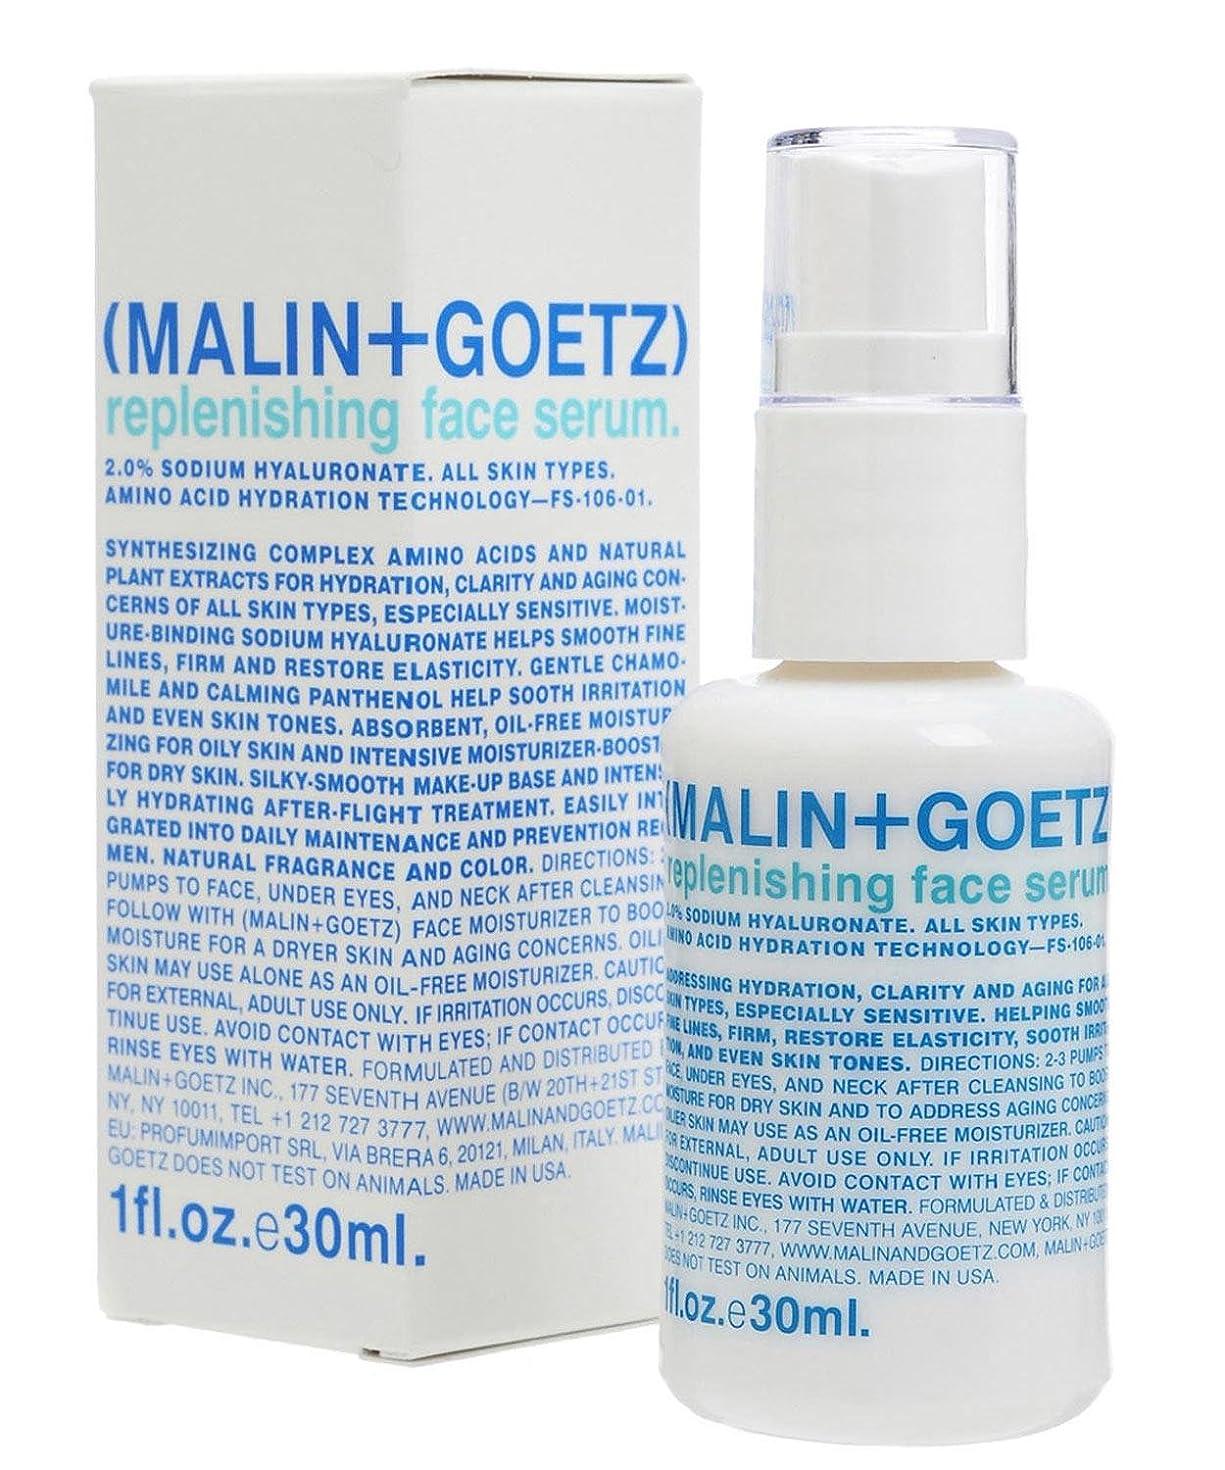 ベーカリー彼人類MALIN+GOETZ Replenishing Face Serum (Pack of 6) - マリン+ゲッツ補充顔の血清 x6 [並行輸入品]